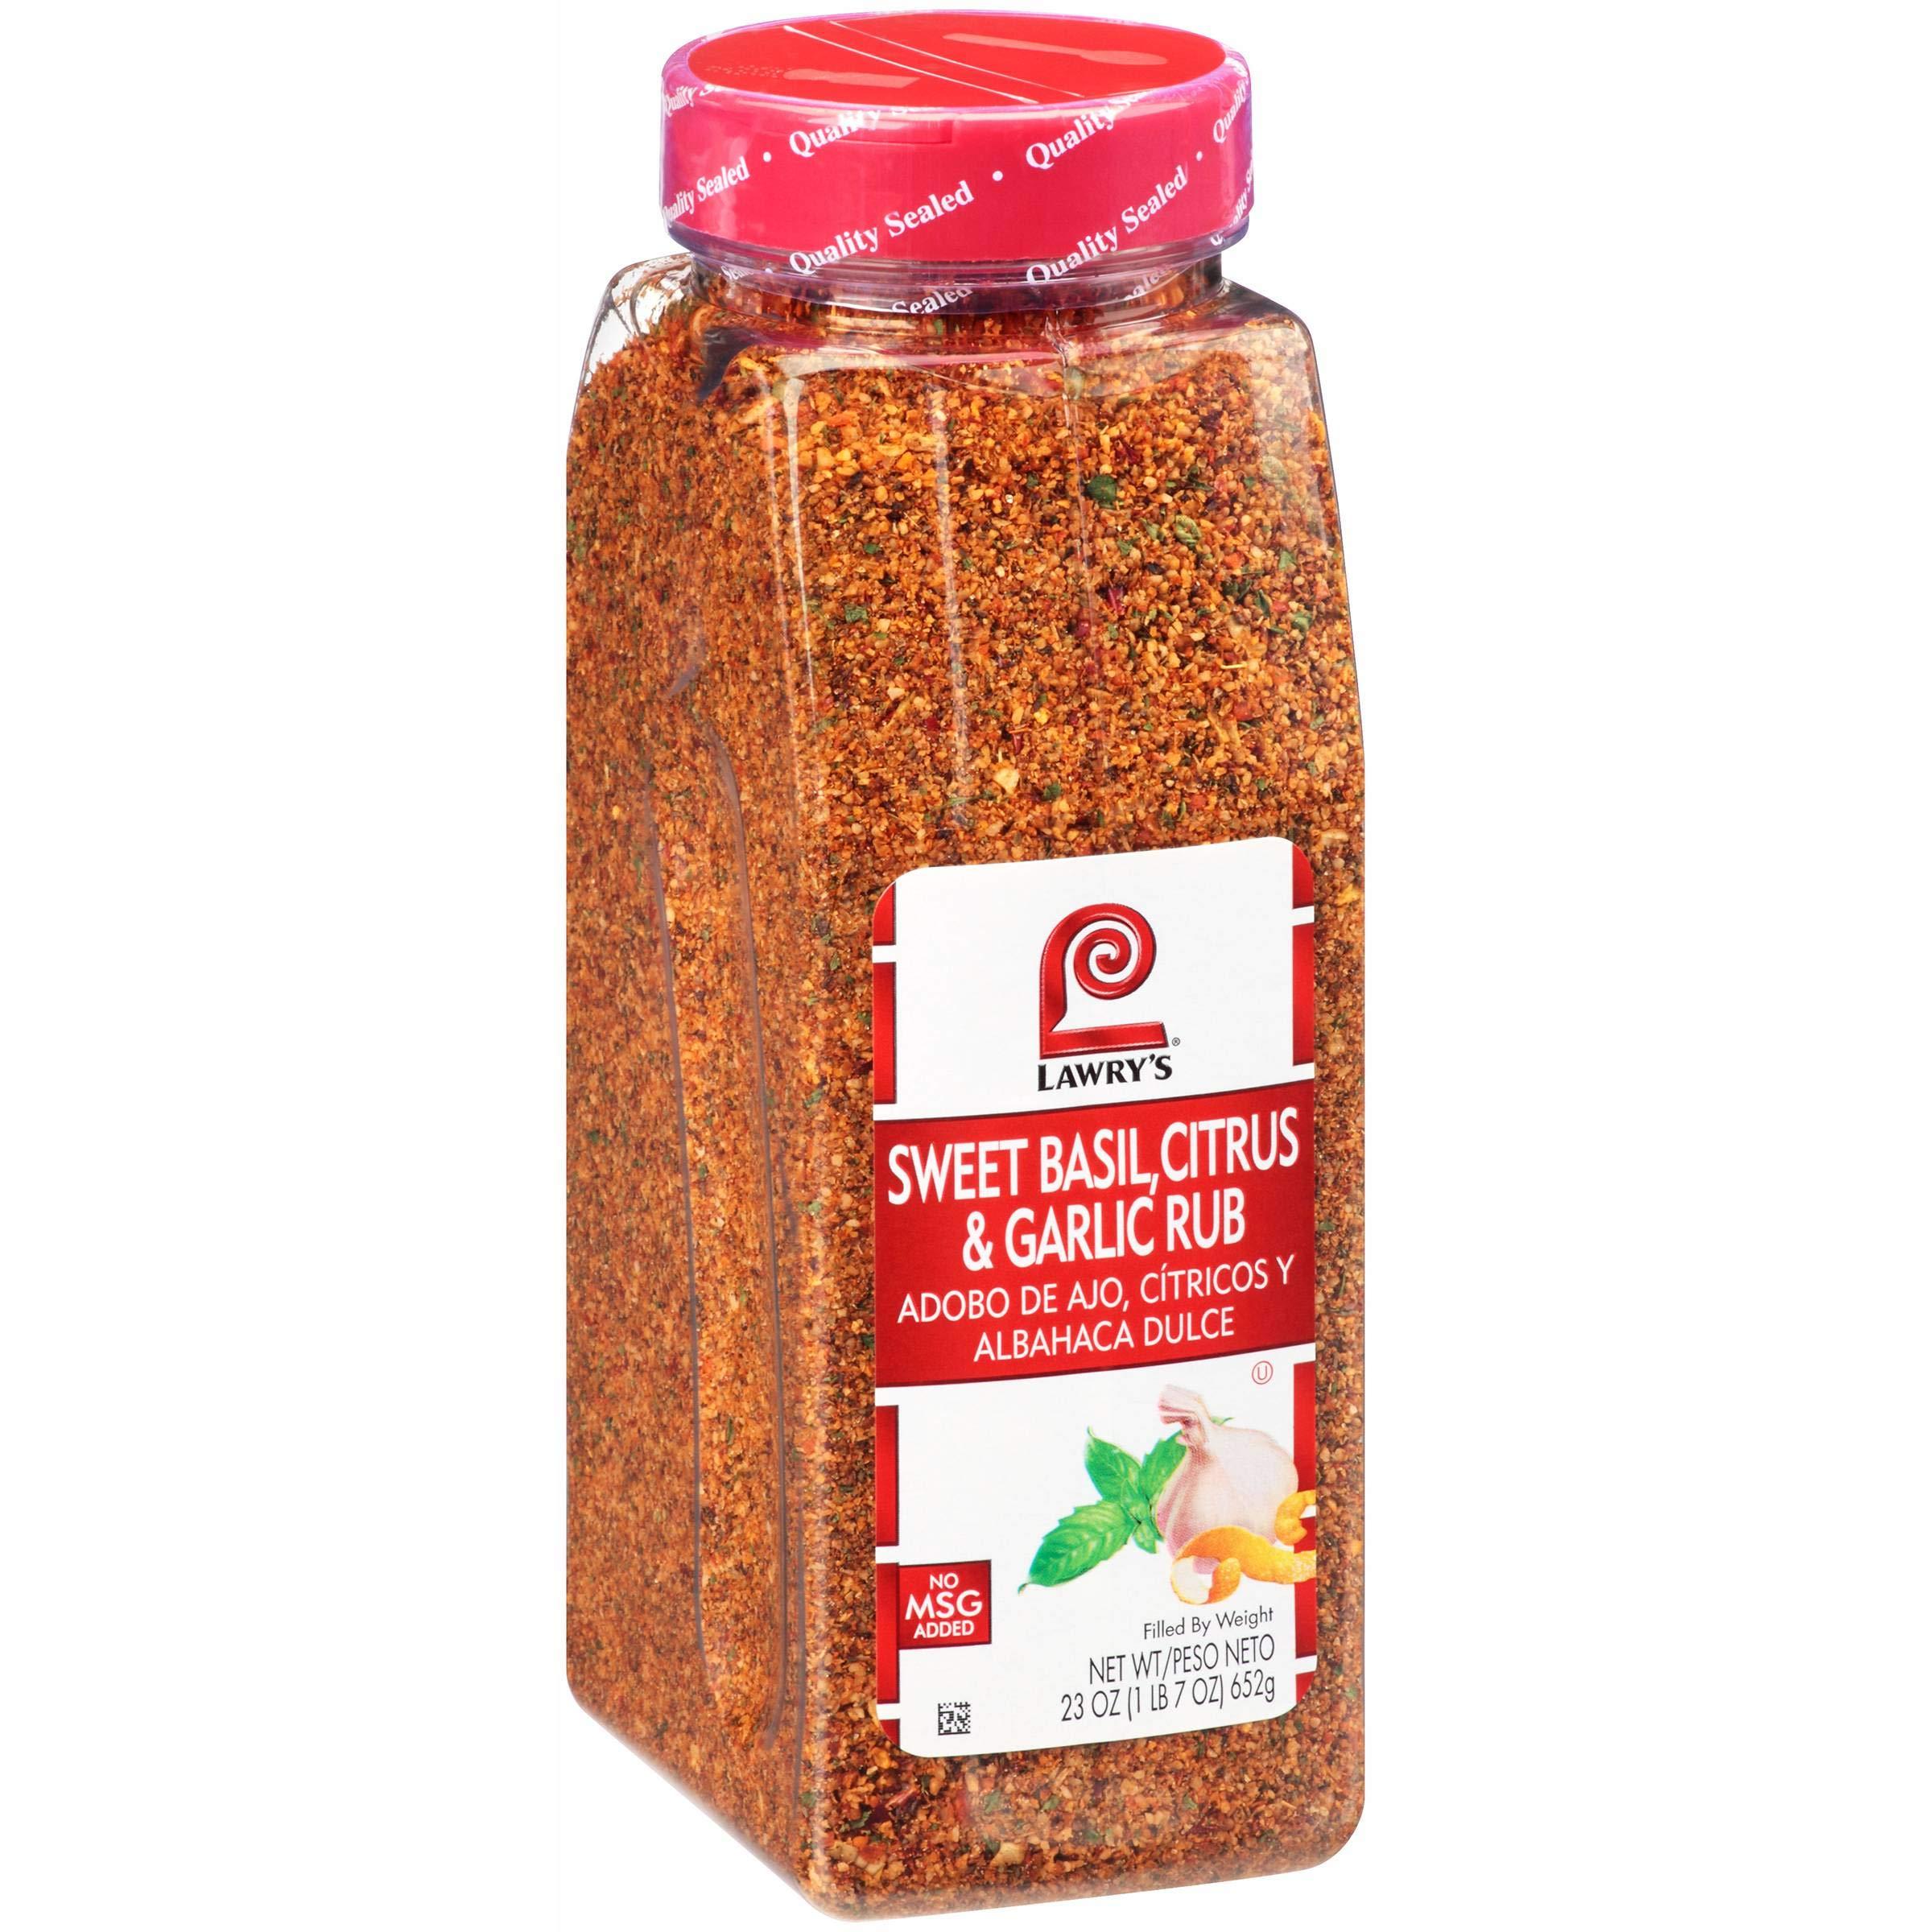 Lawrys Sweet Basil Citrus and Garlic Rub, 23 Ounce - 6 per case